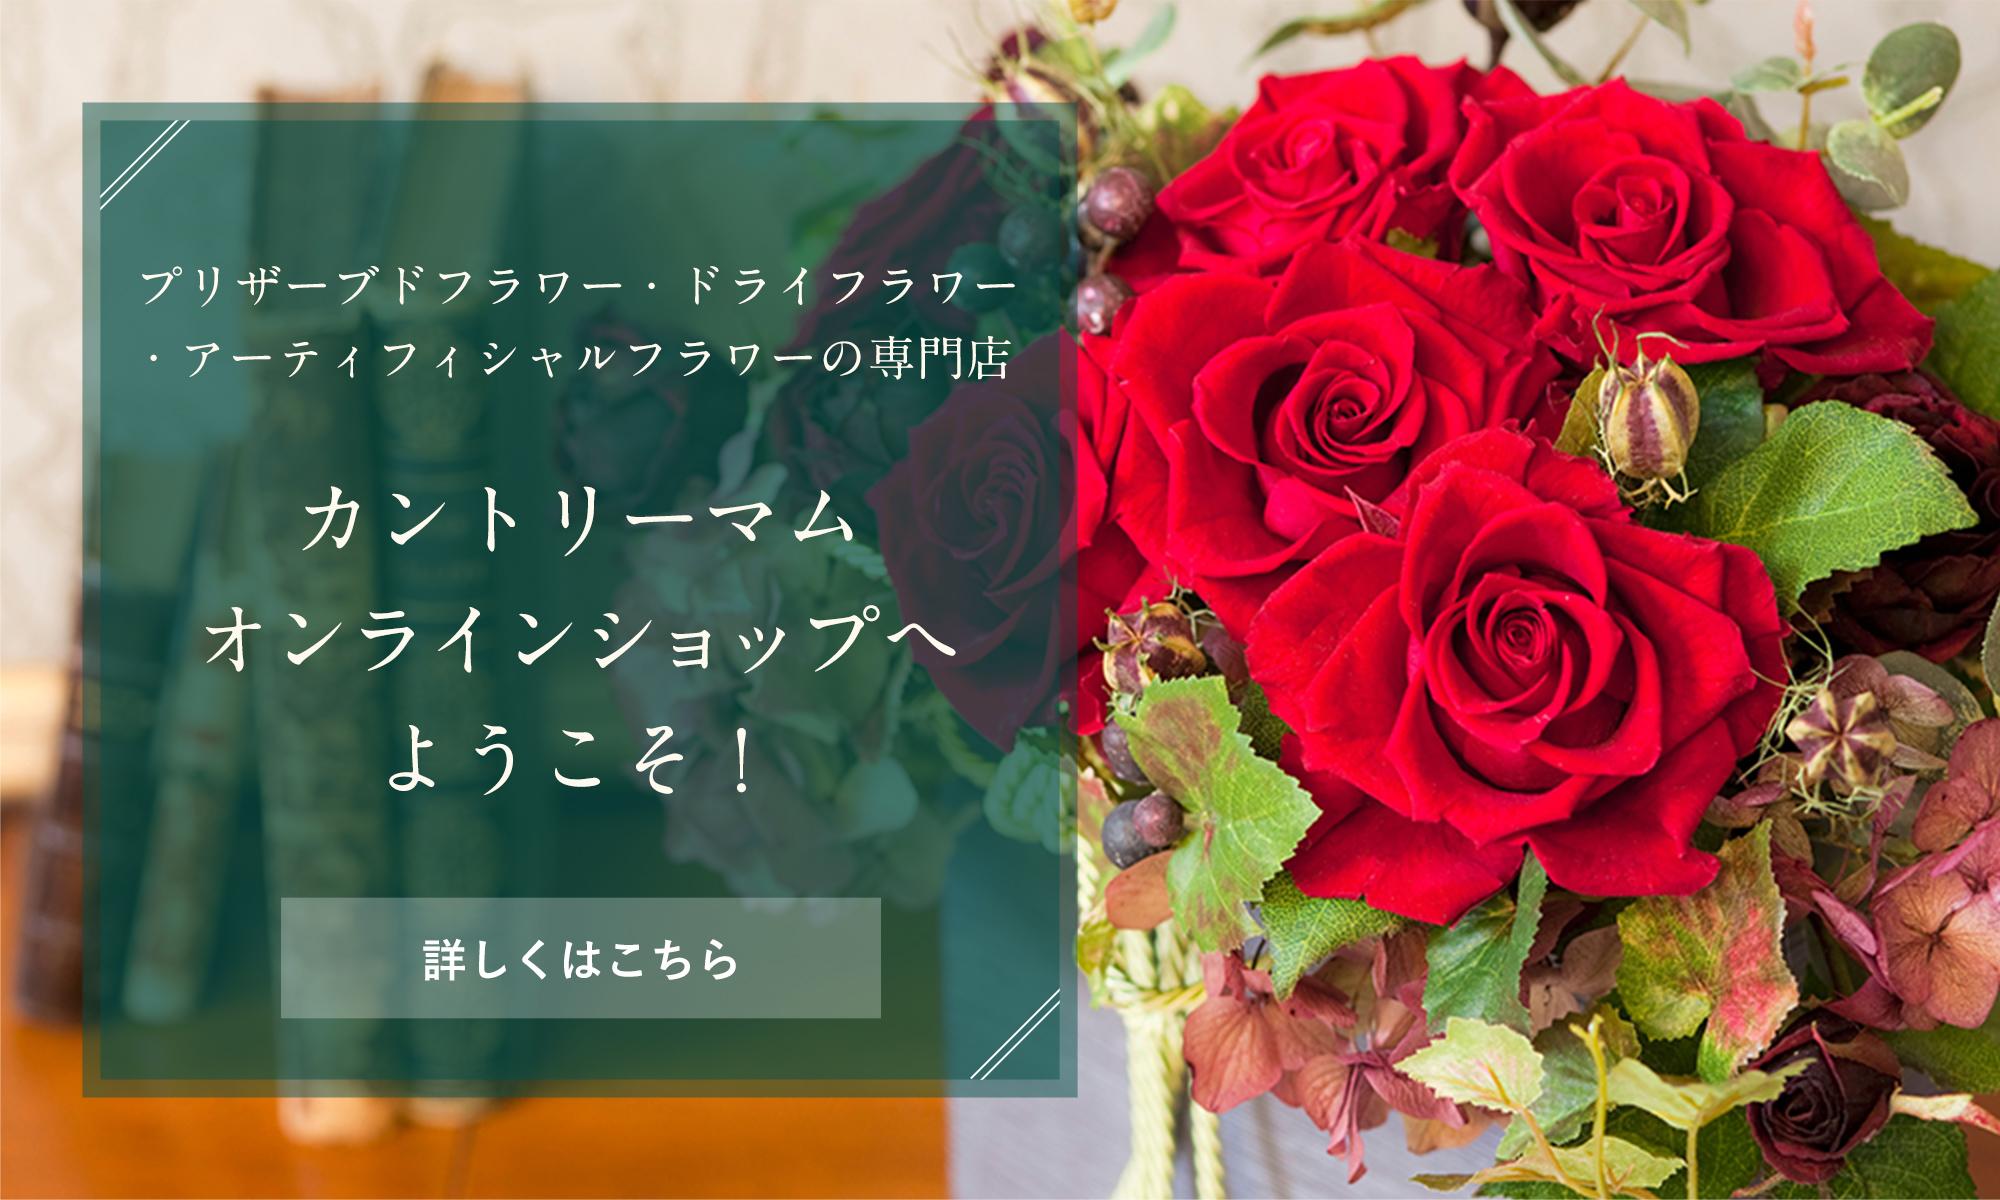 カントリーマムオンラインショップへようこそ!カントリーマムは花の専門店です。(プリザーブドフラワー・ドライフラワー・アーティフィシャルフラワー)大切な方へのギフトに、自分自身のごほうびに...お気に入りのものを見つけていただけたら幸いです。